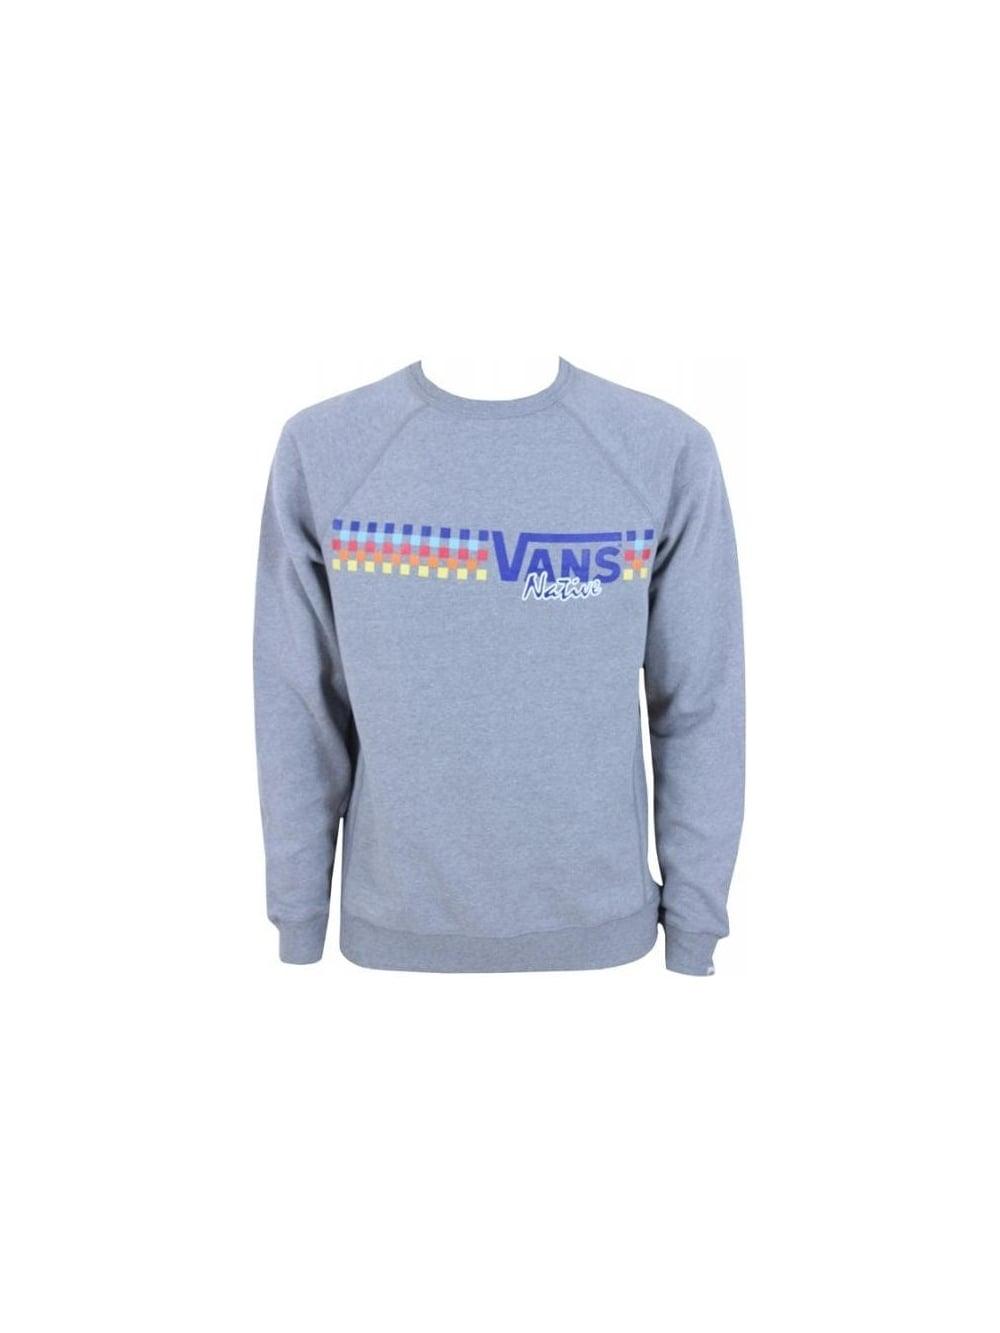 5539e486b7ff Vans Native Check Crew Sweater in Concrete - Nortern threads